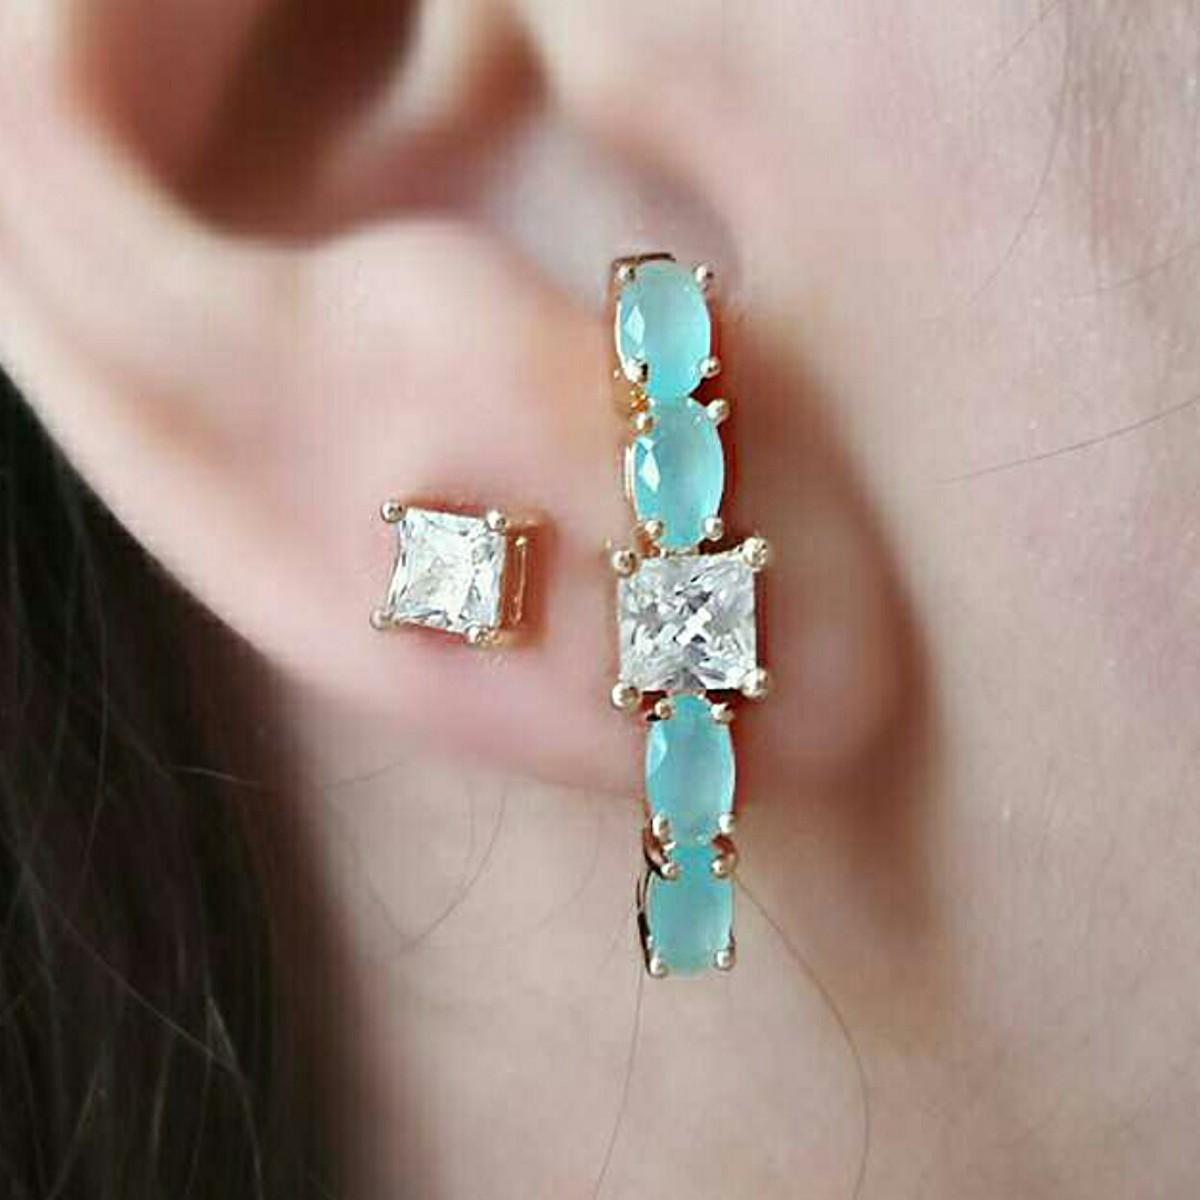 Ear Hook Dourado Água Marinha com Zircônia Quadrada Cristal Semijoia em Ouro 18K  - Soloyou